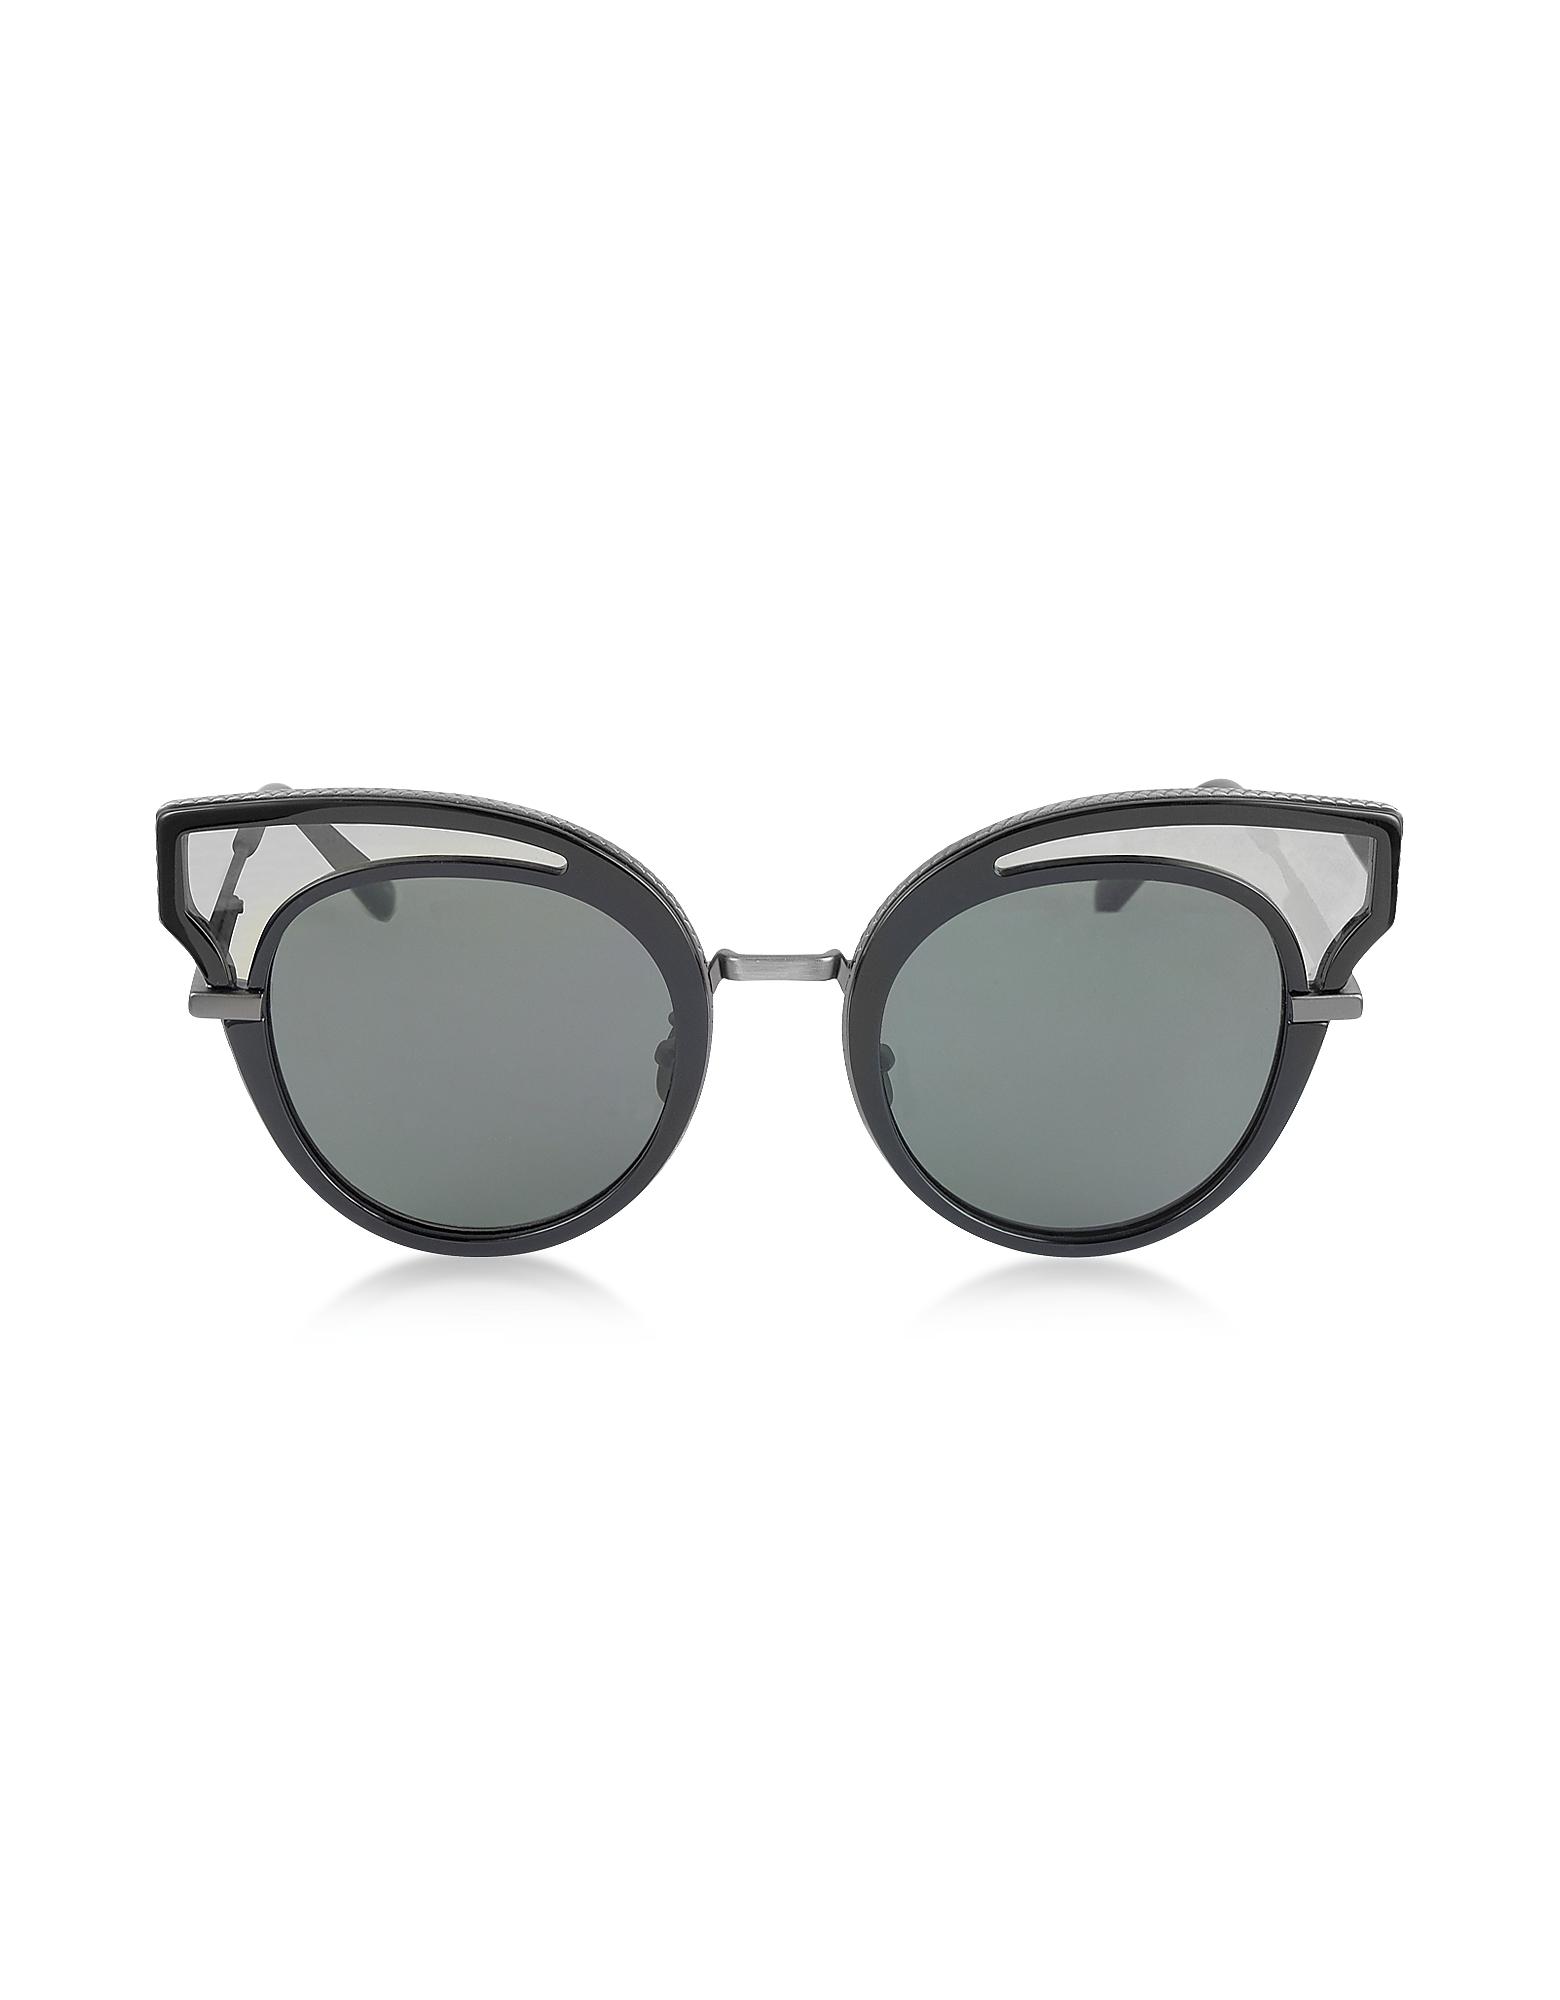 Bottega Veneta Designer Sunglasses, BV0094S Acetate Cat Eye Women's Sunglasses